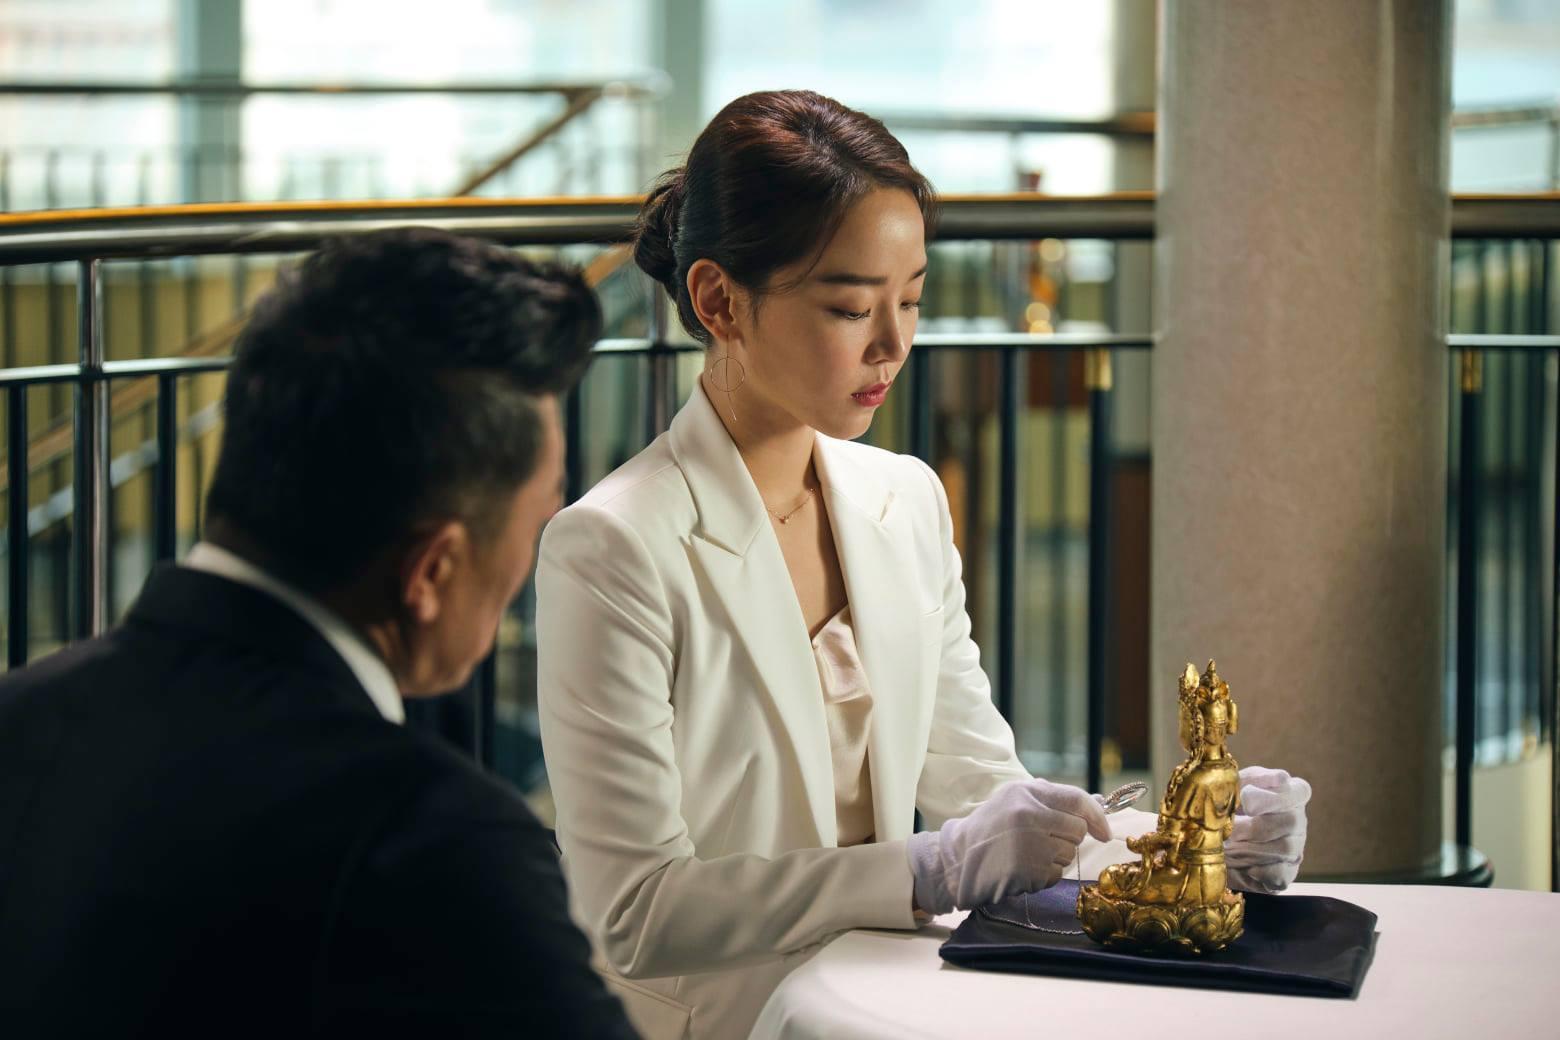 'Kẻ săn mộ' dẫn đầu lượng đặt vé và gây sốt ở Hàn